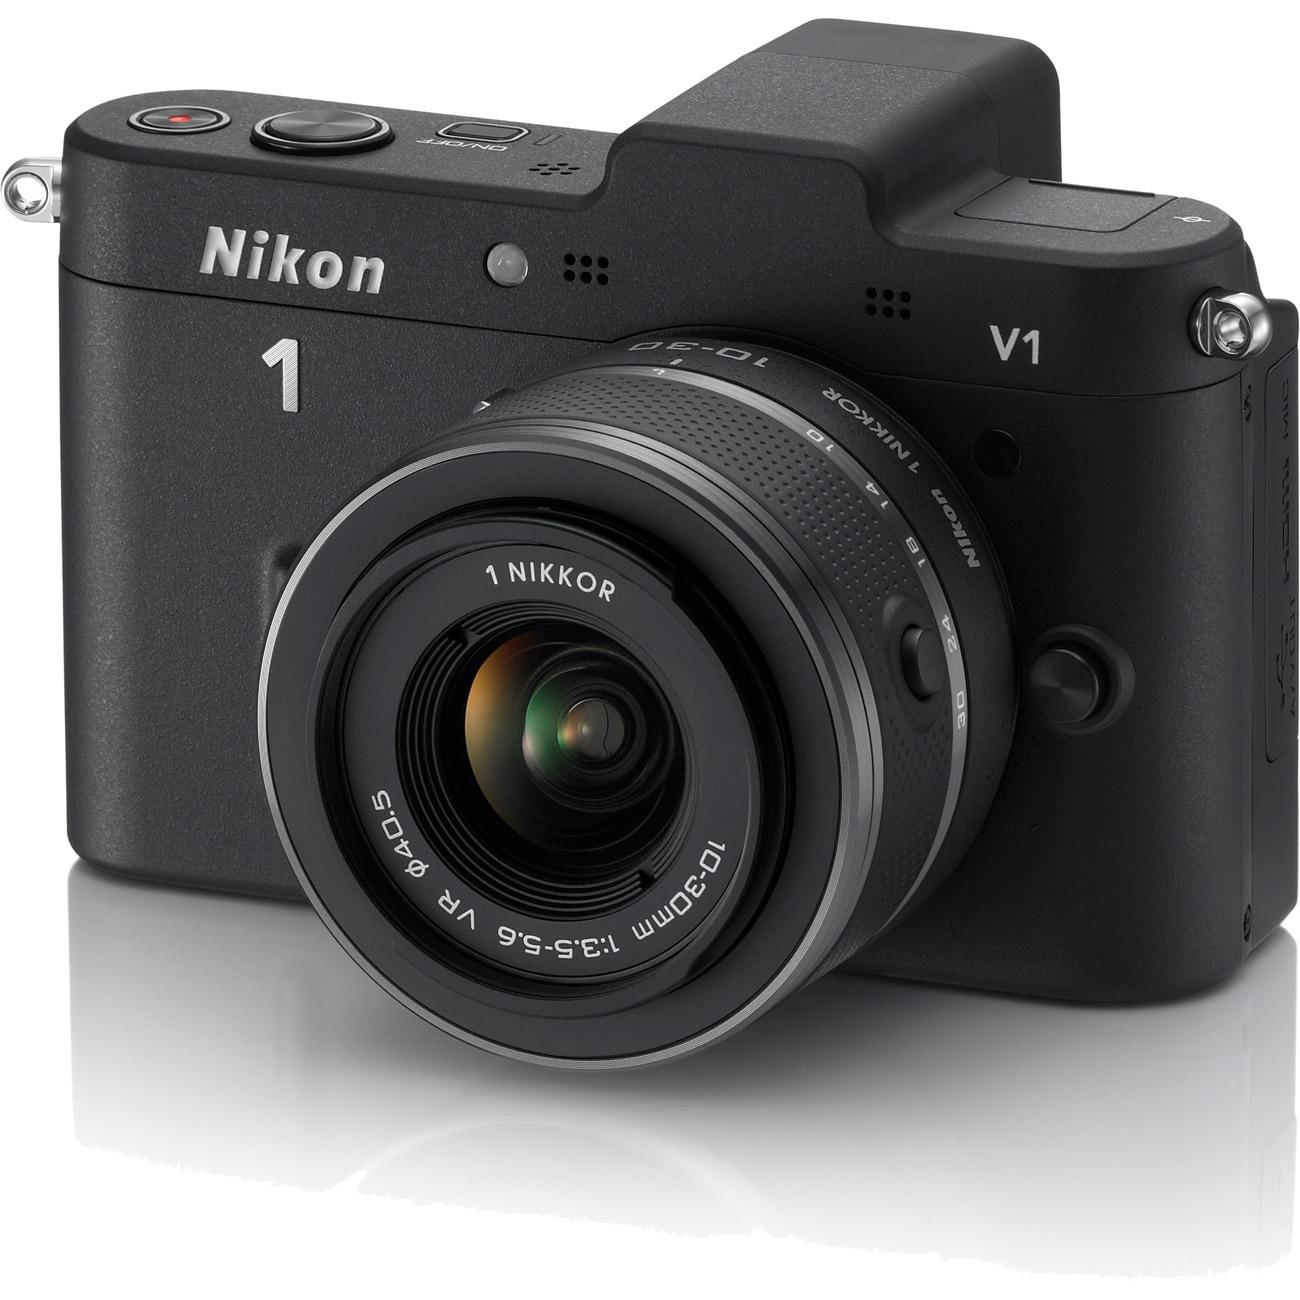 Nikon V1 10.1MP Mirrorless Digital SLR Camera with 10-33mm Lens